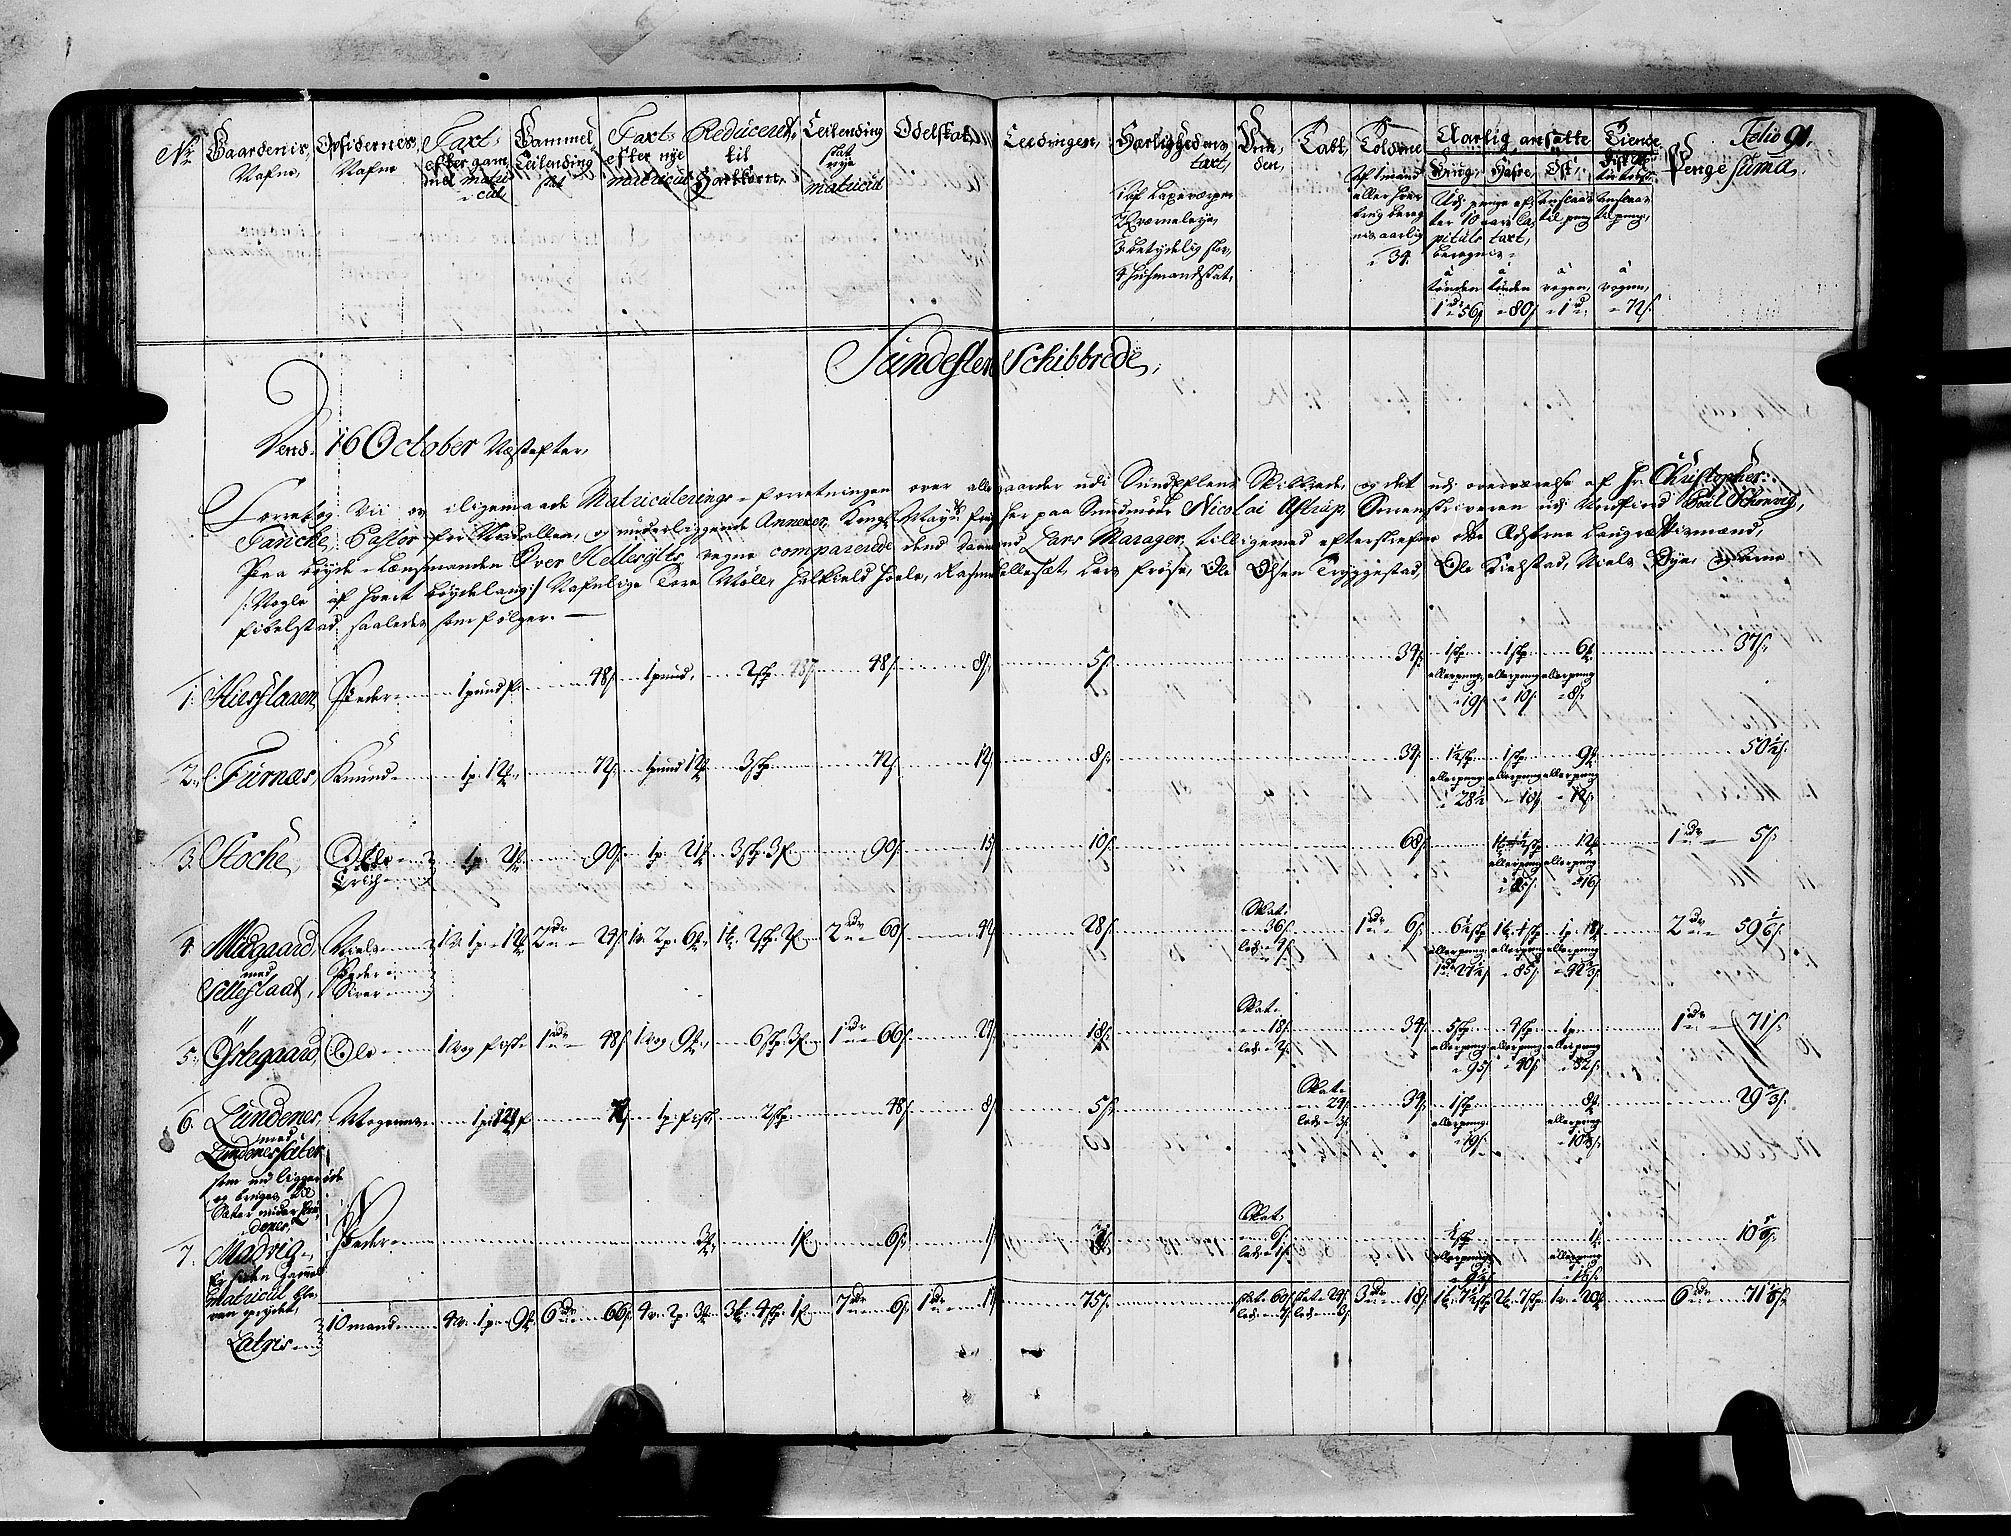 RA, Rentekammeret inntil 1814, Realistisk ordnet avdeling, N/Nb/Nbf/L0151: Sunnmøre matrikkelprotokoll, 1724, s. 90b-91a